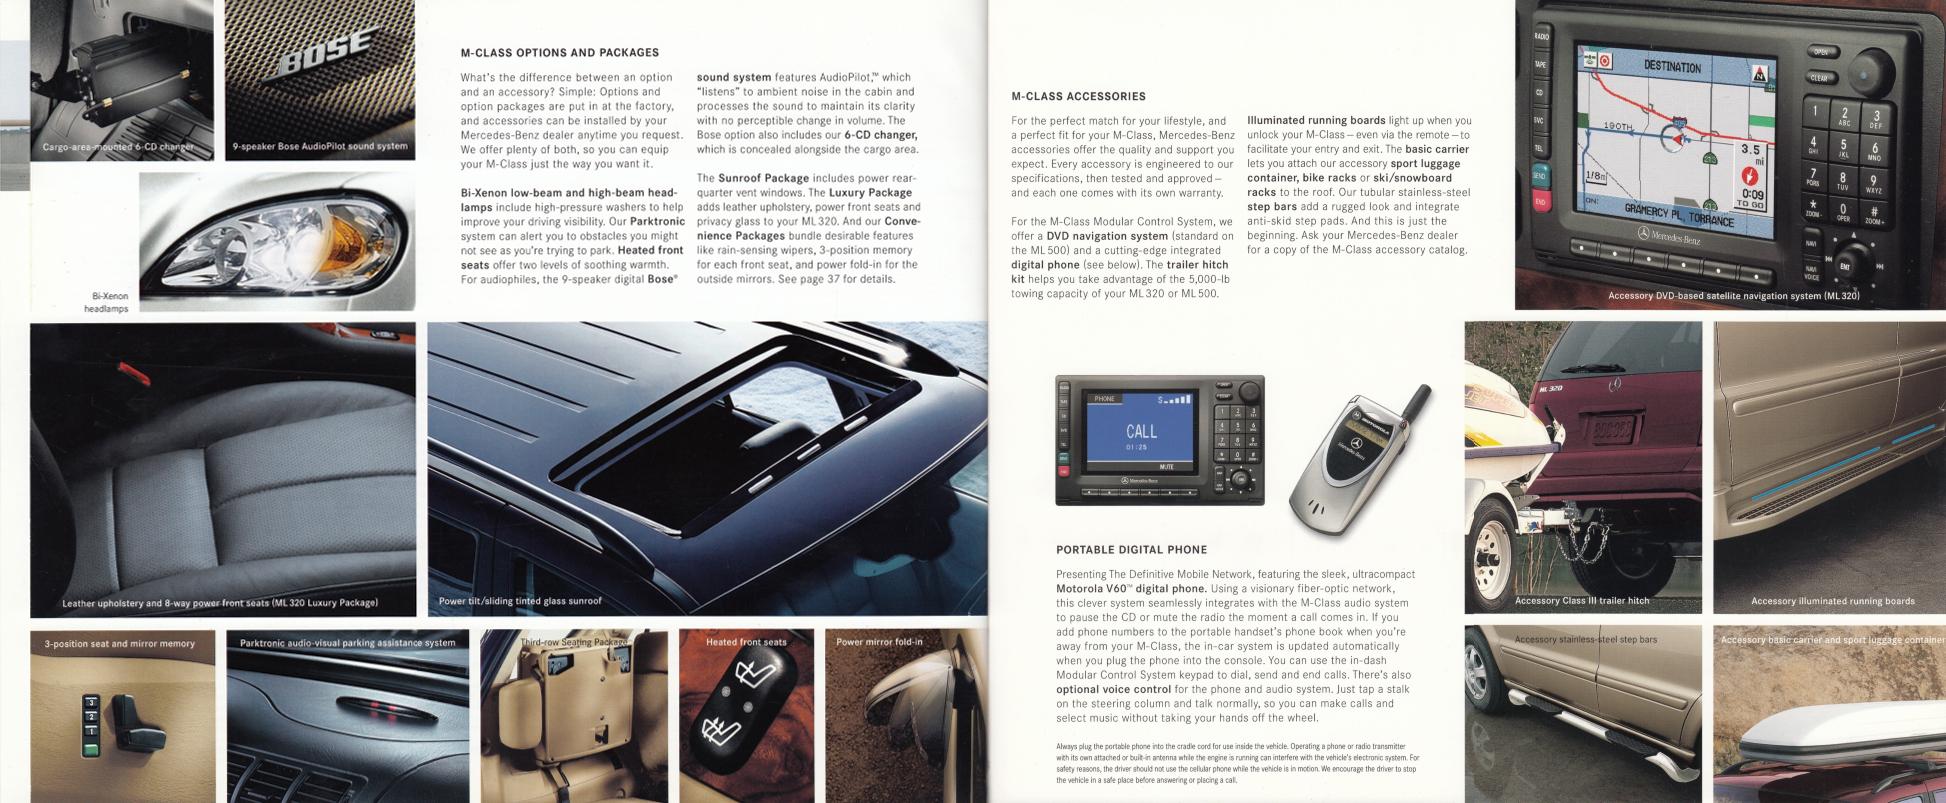 (W163): Catálogo USA 2003 - inglês 021